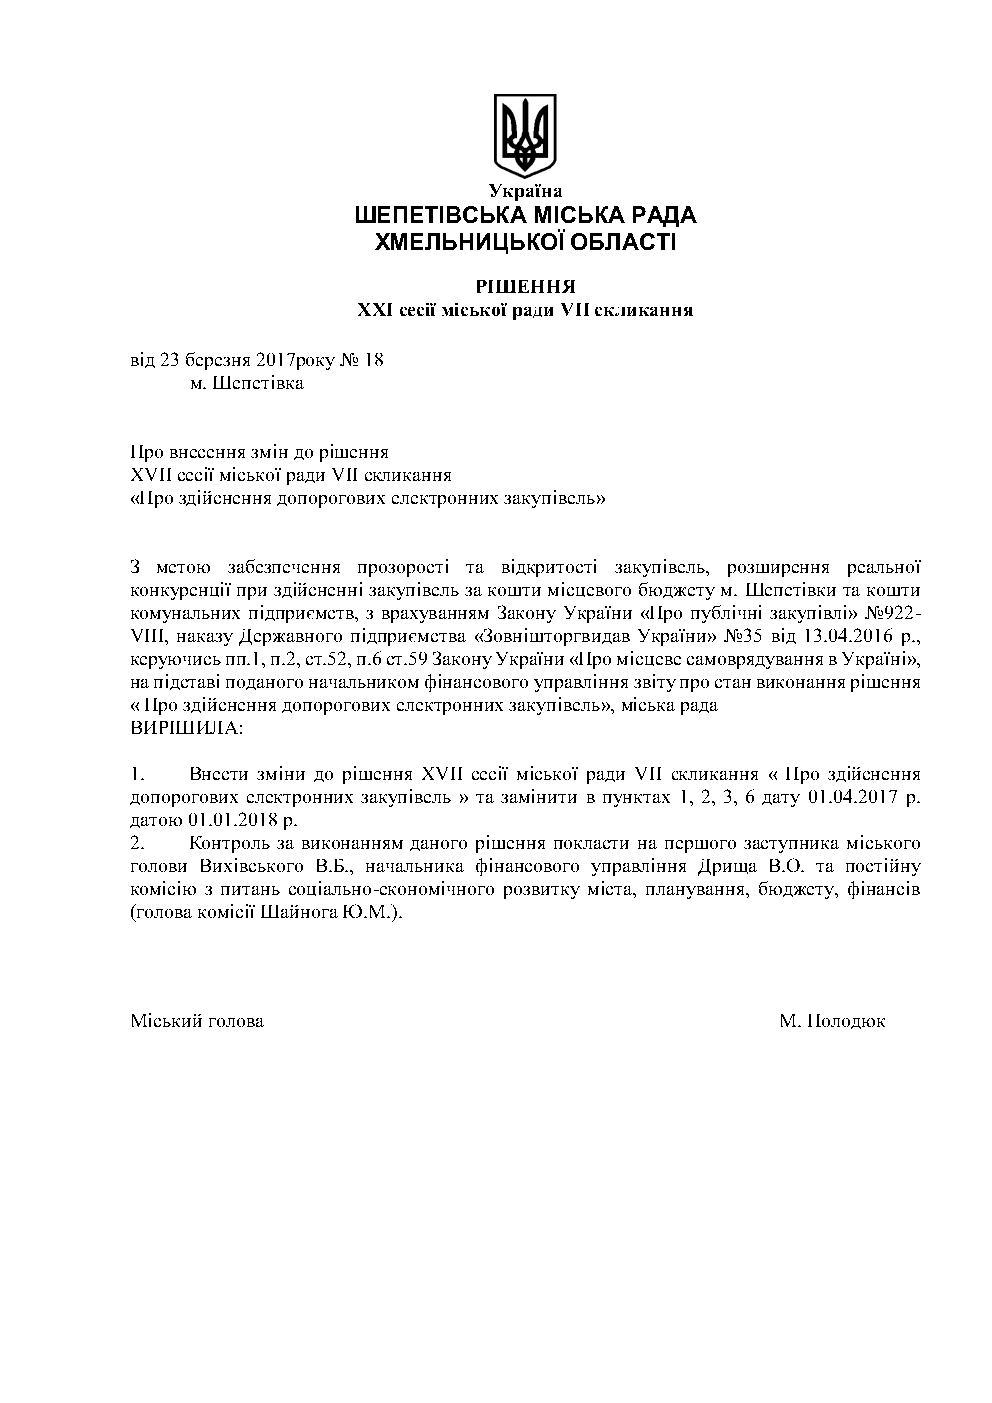 Рішення №18 від 23.03.2017 щодо відтермінування рішення про здійснення допорогових закупівель